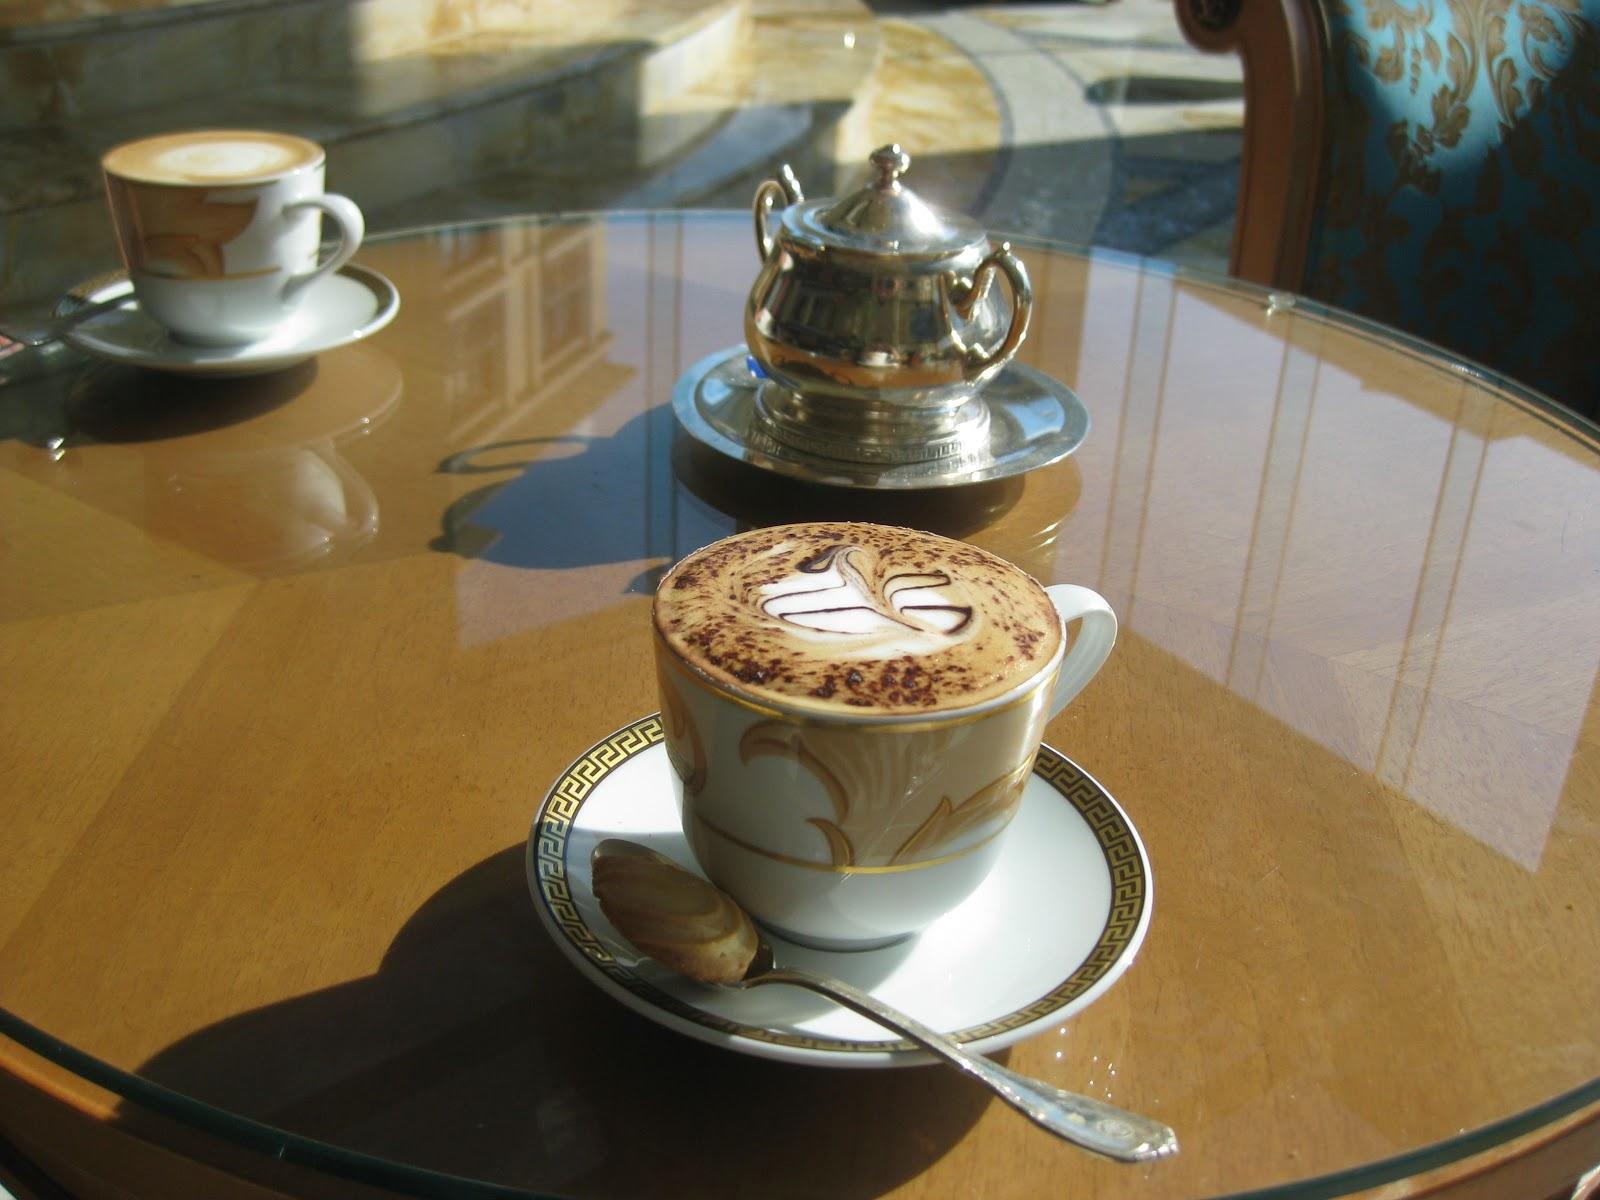 http://1.bp.blogspot.com/-osPkAu4clZA/ULFYkgvXVvI/AAAAAAAACSg/497yopOfX-U/s1600/coffee.jpg